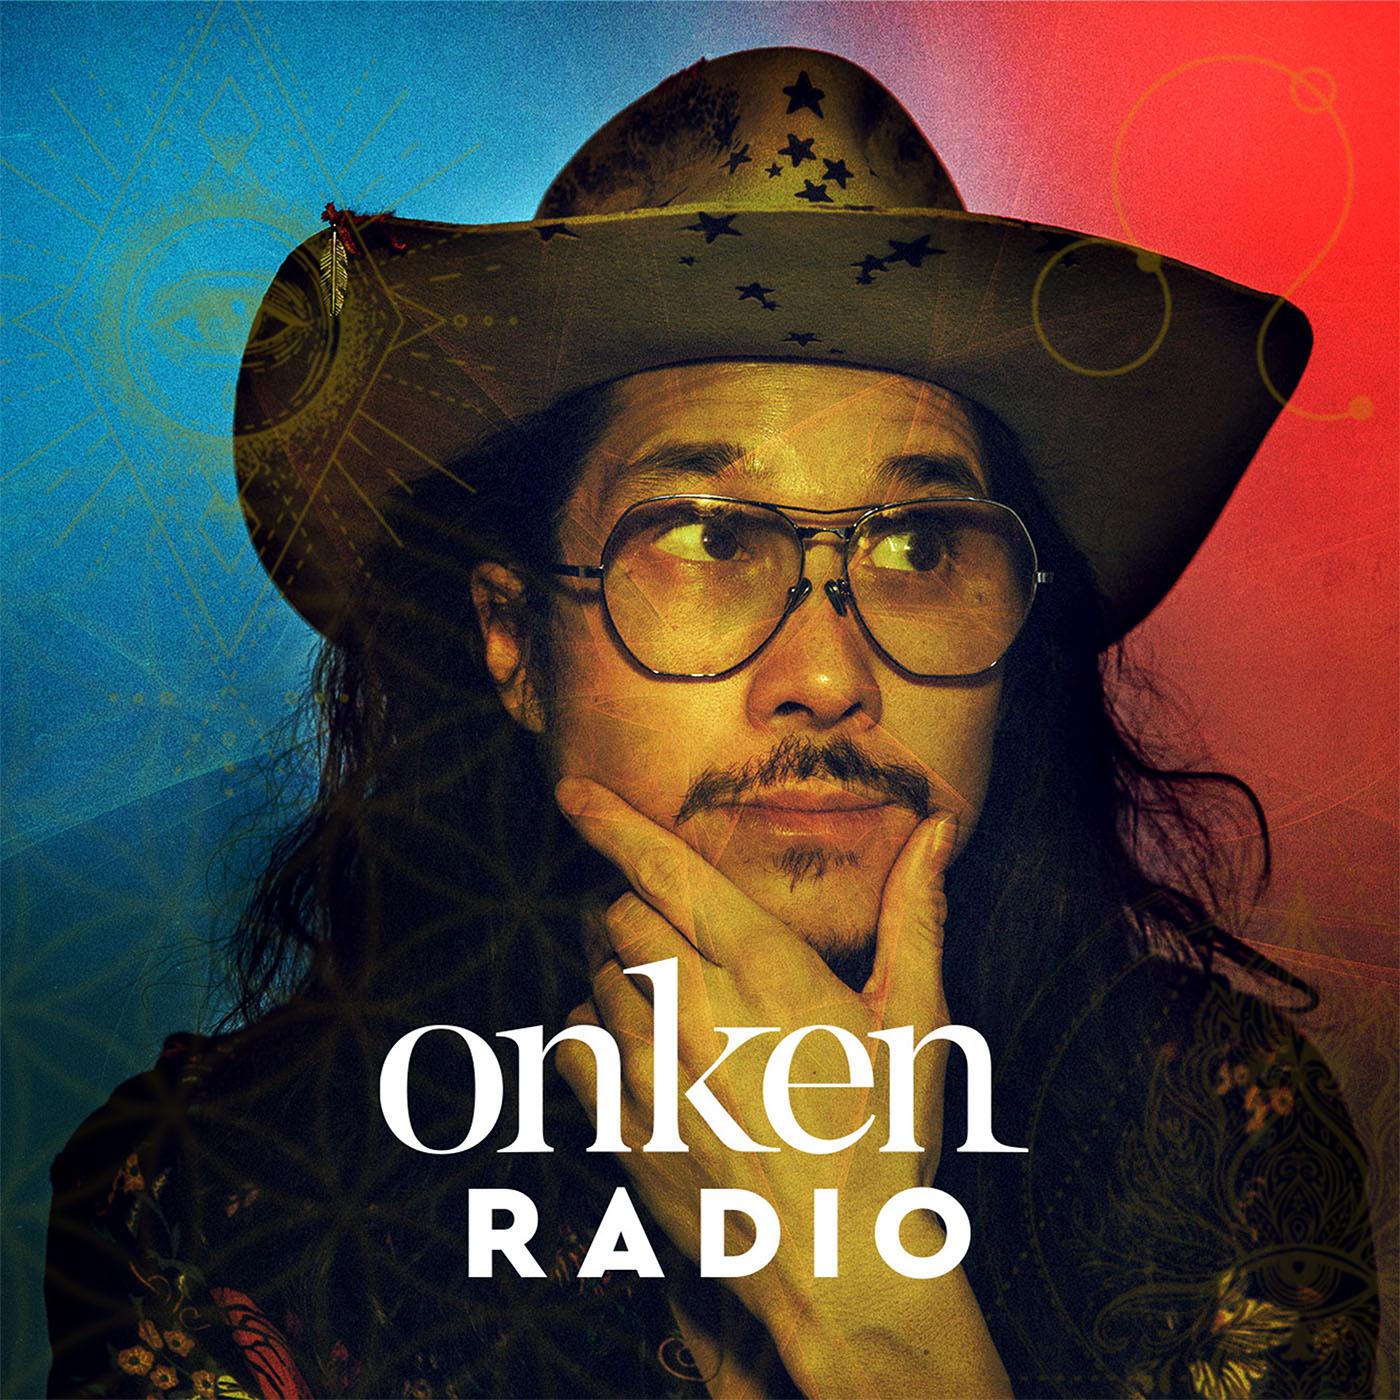 Shop Talk Radio with Nick Onken